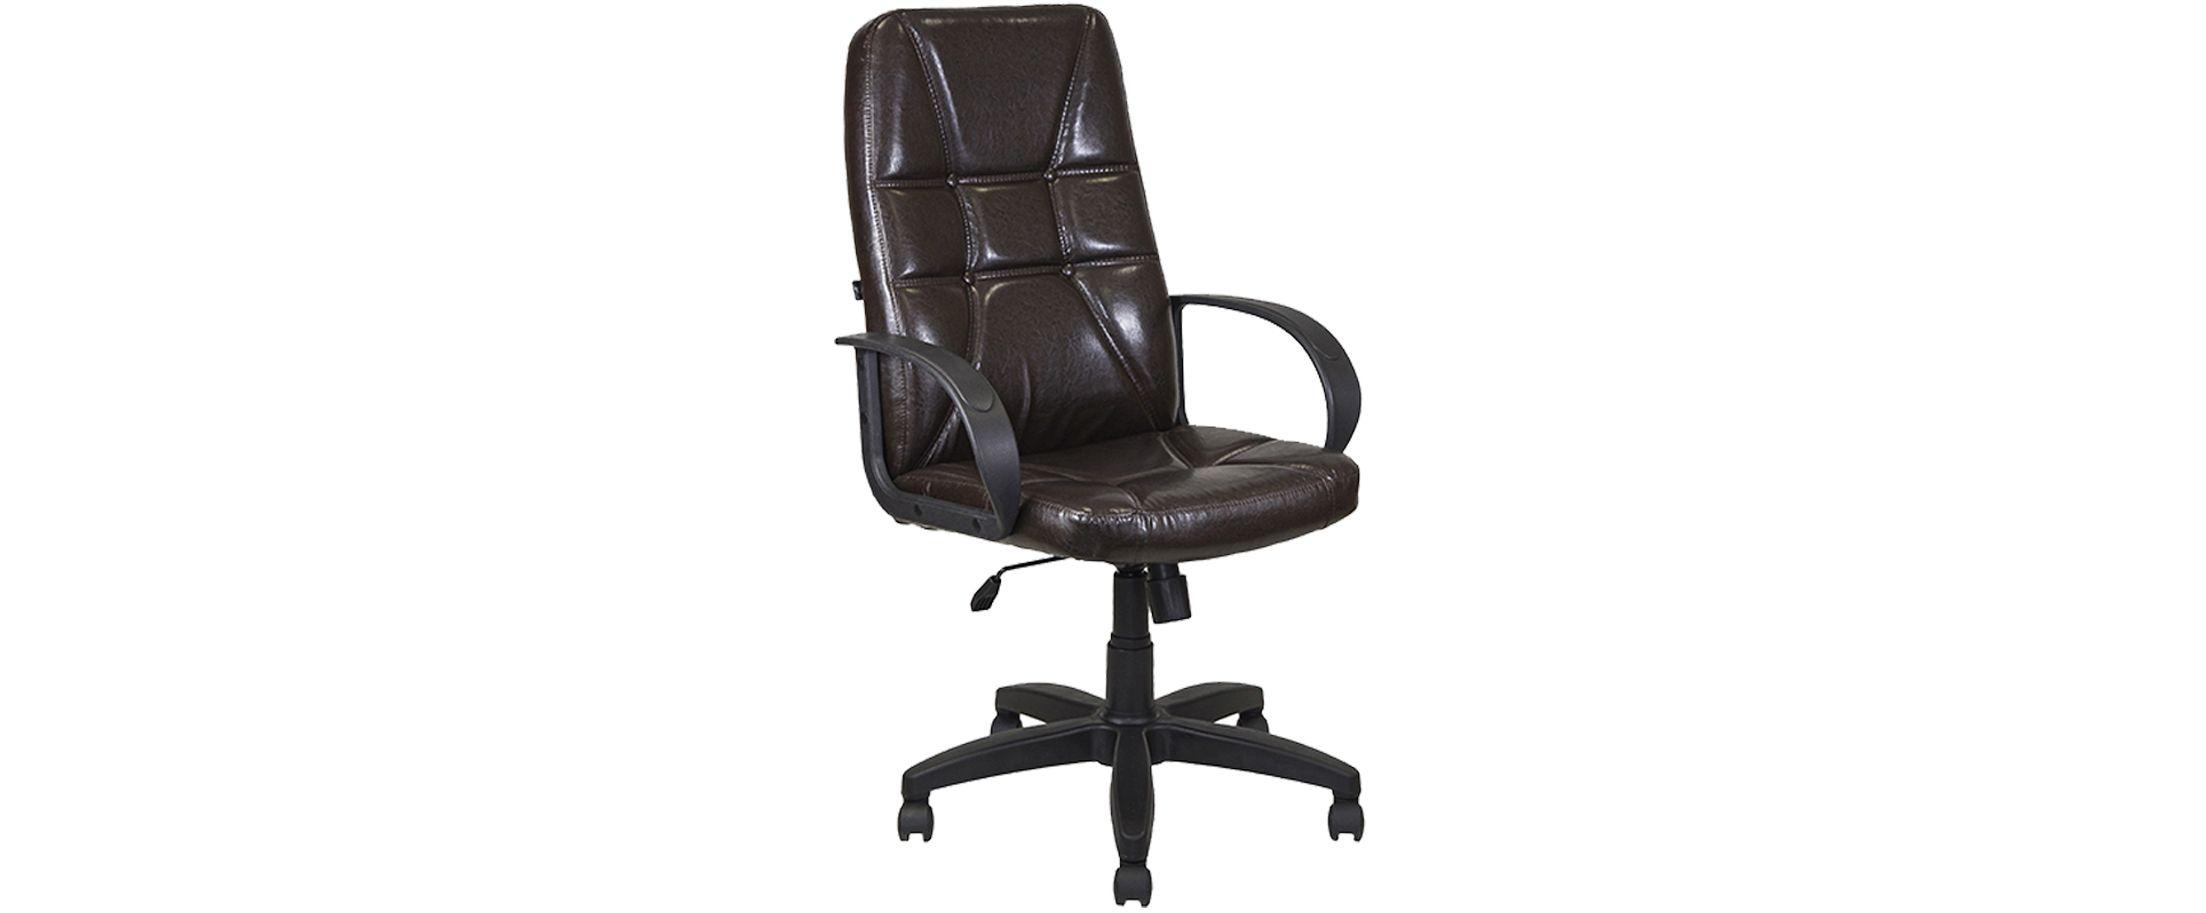 Кресло офисное AV 114 из экокожи цвет шоколад Модель 999Кресло офисное AV 114 из экокожи цвет шоколад Модель 999. Артикул Д000683<br>